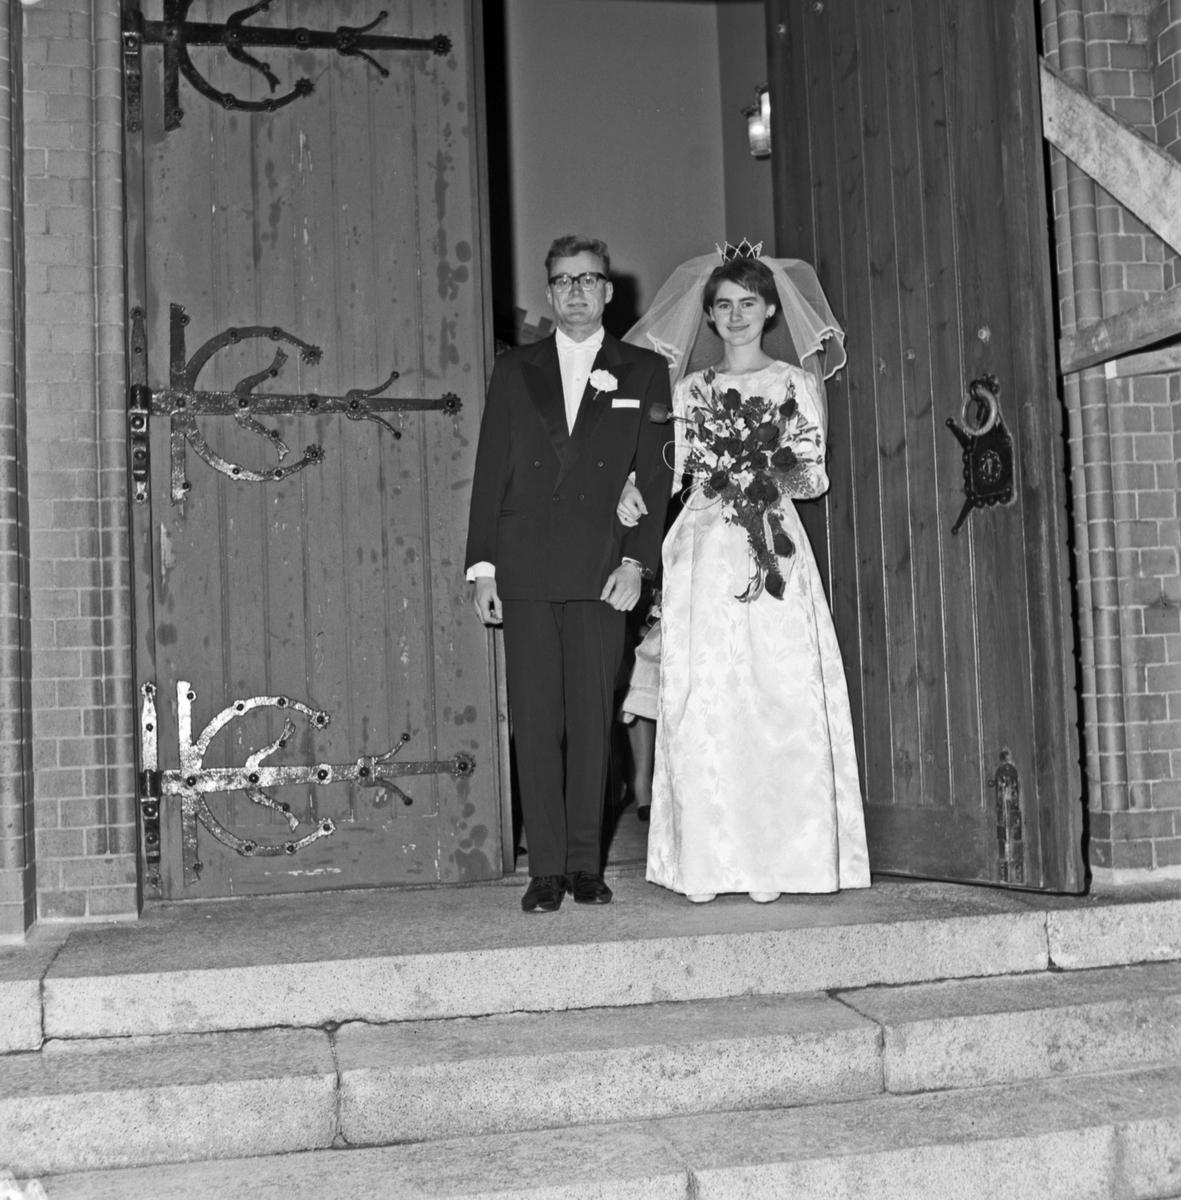 Bryllup, i kirken og på trappen - bestiller Jan Kristiansen